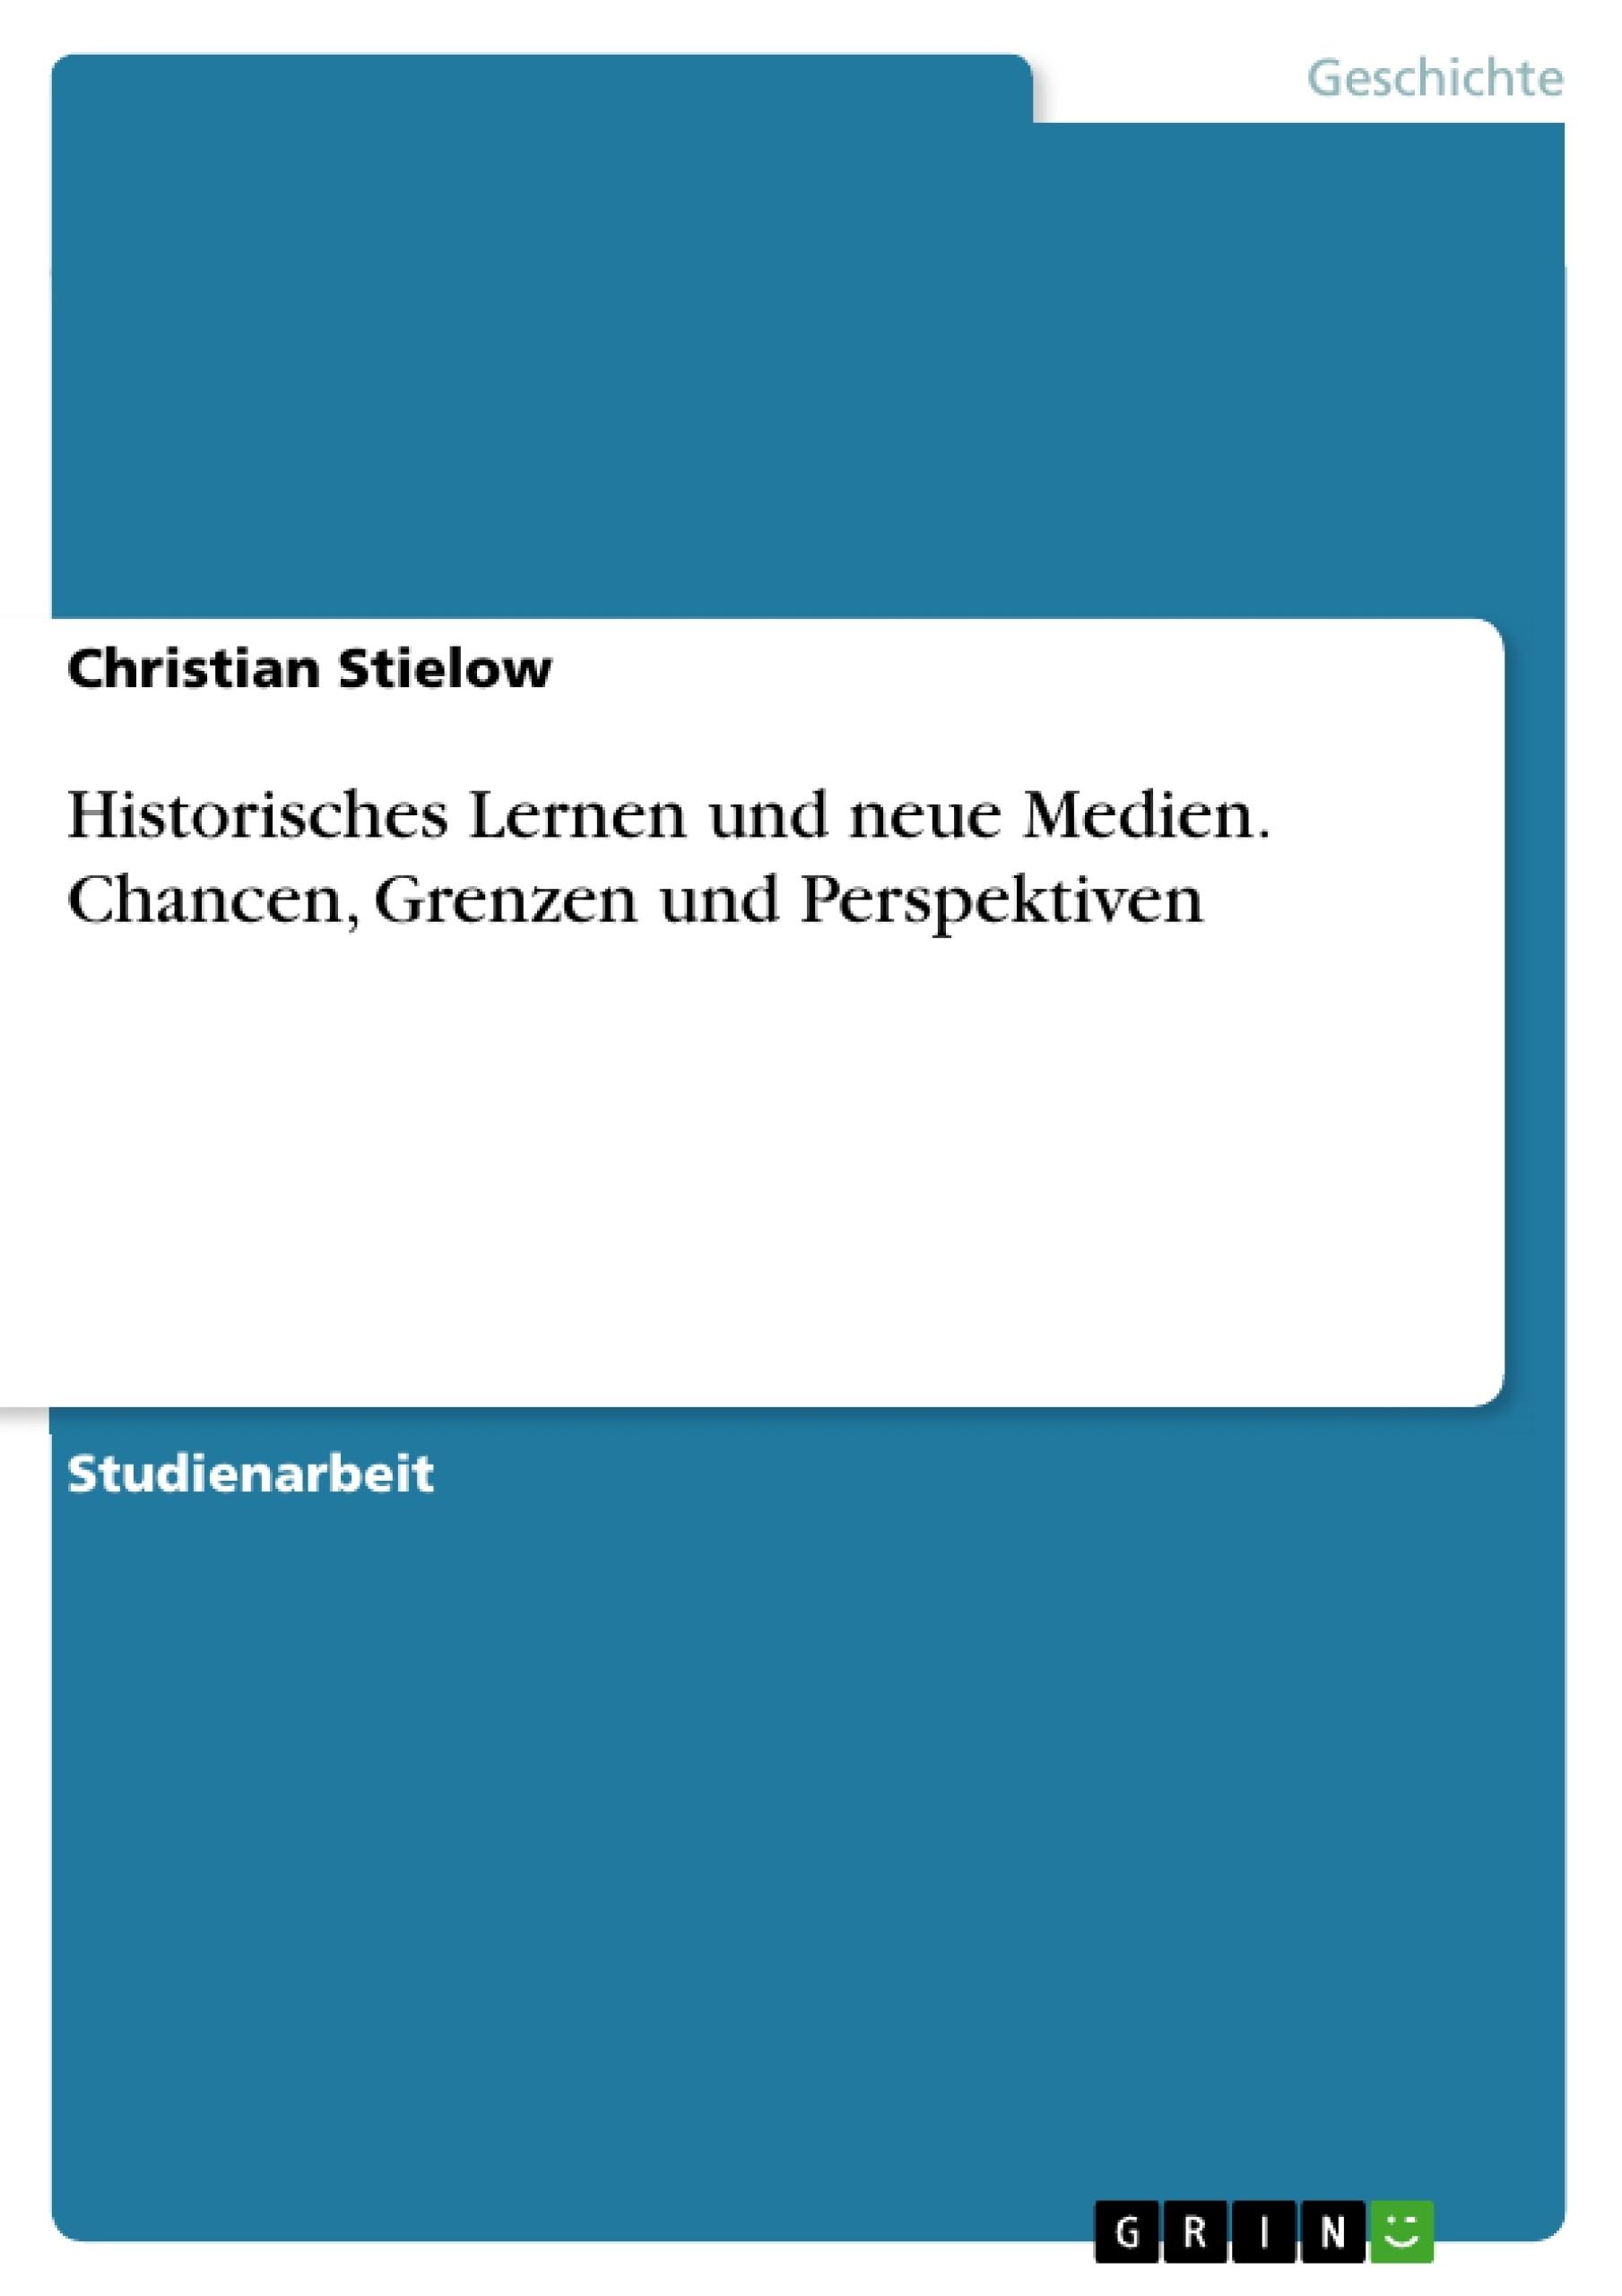 Titel: Historisches Lernen und neue Medien. Chancen, Grenzen und Perspektiven